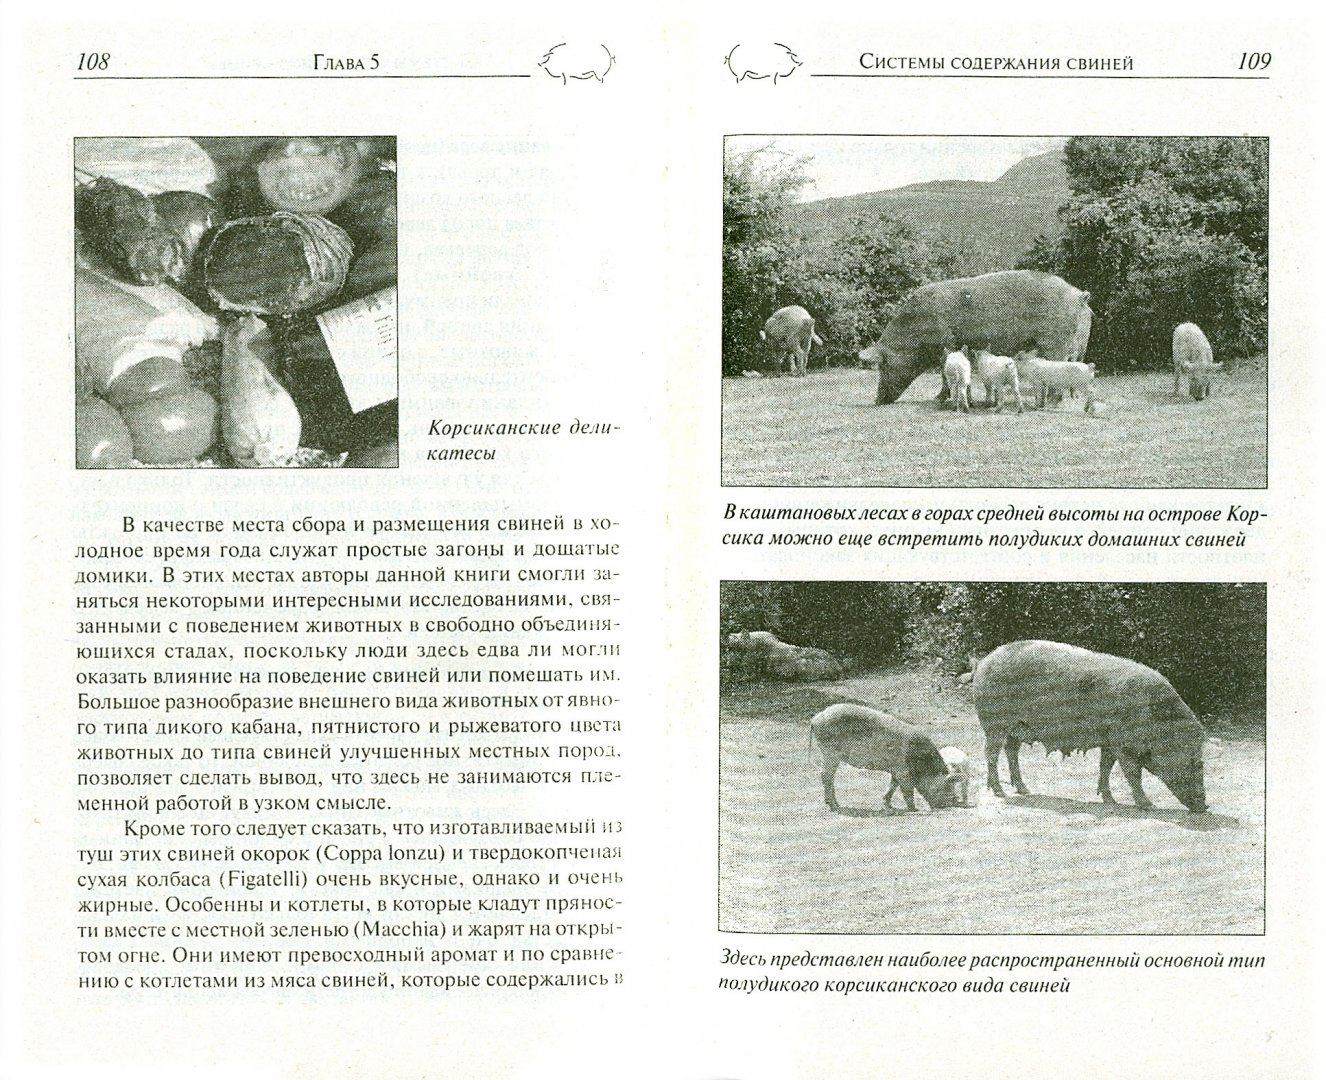 Иллюстрация 1 из 8 для Свиньи в личном хозяйстве. Выбор породы, содержание, разведение, профилактика заболеваний - Пайтц, Пайтц | Лабиринт - книги. Источник: Лабиринт